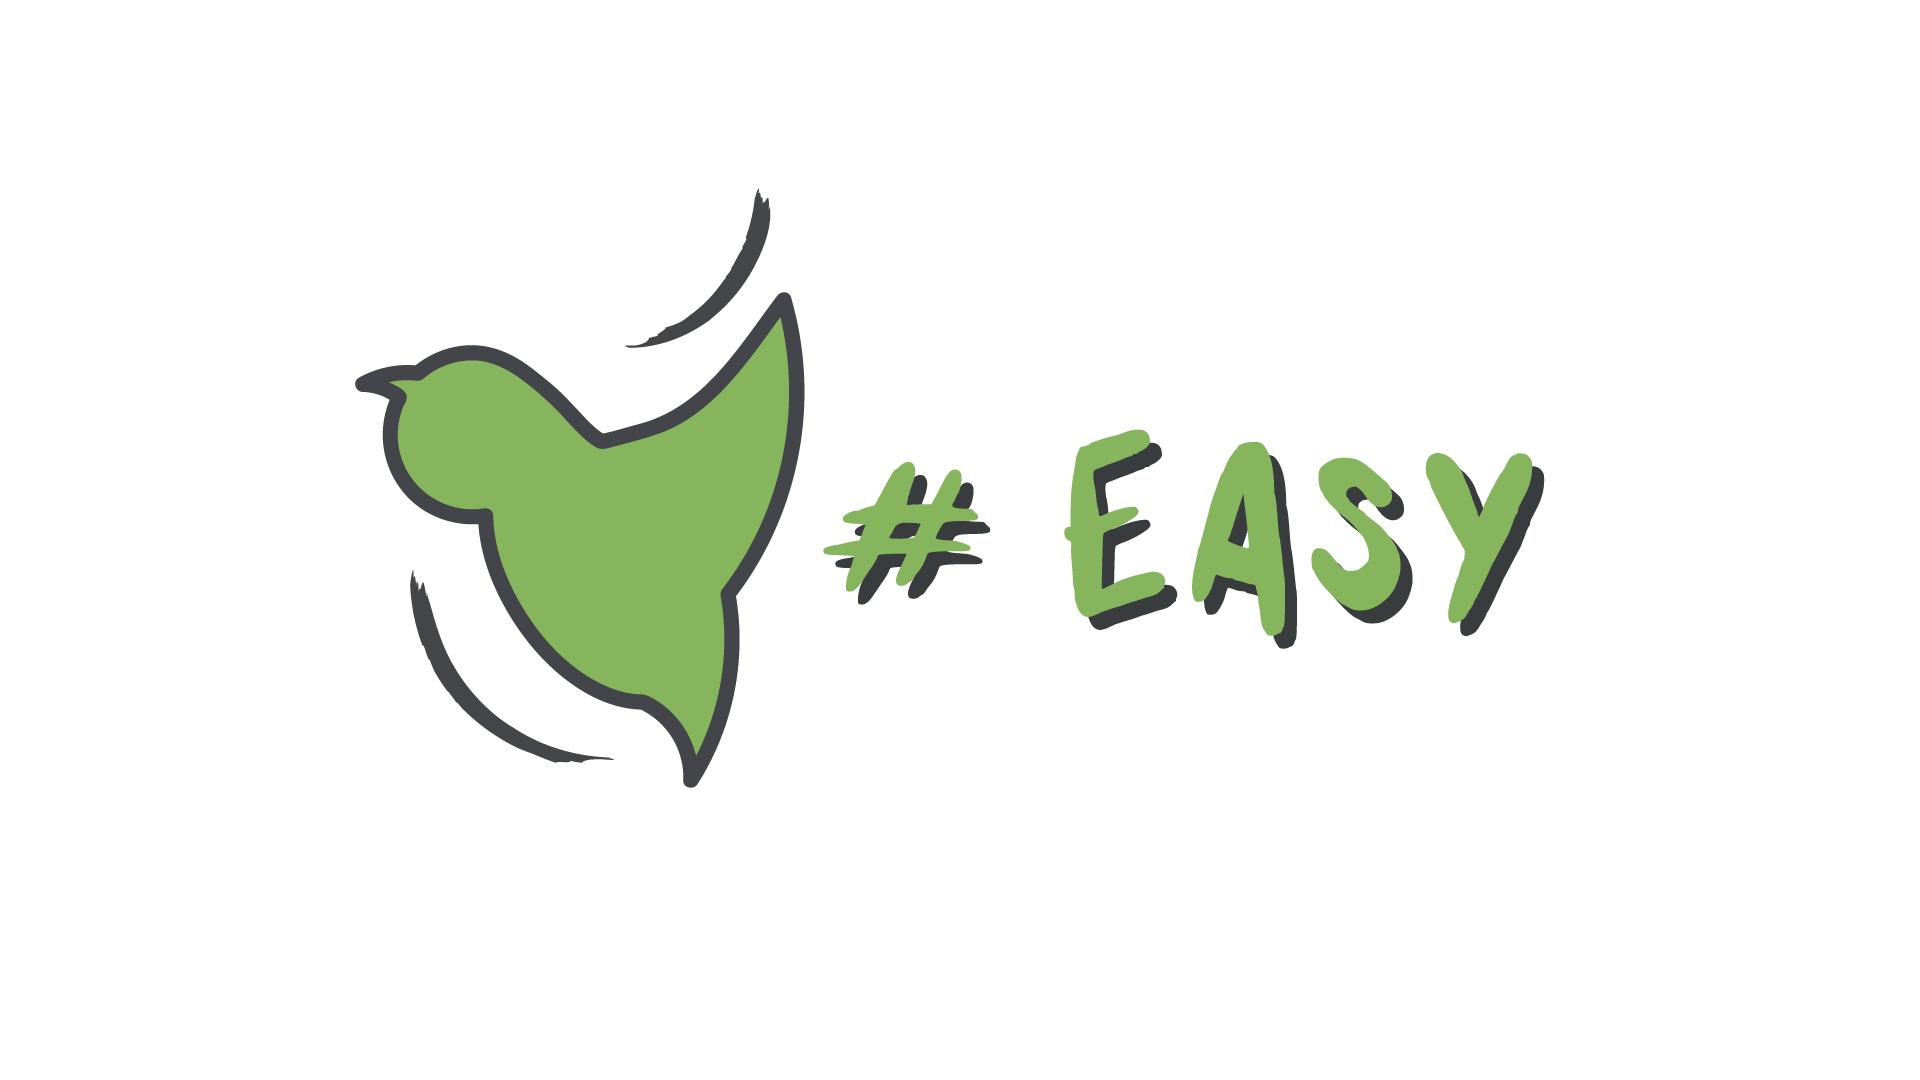 Разработка логотипа в виде хэштега #easy с зеленой колибри  фото f_6305d4ed08ed5693.jpg